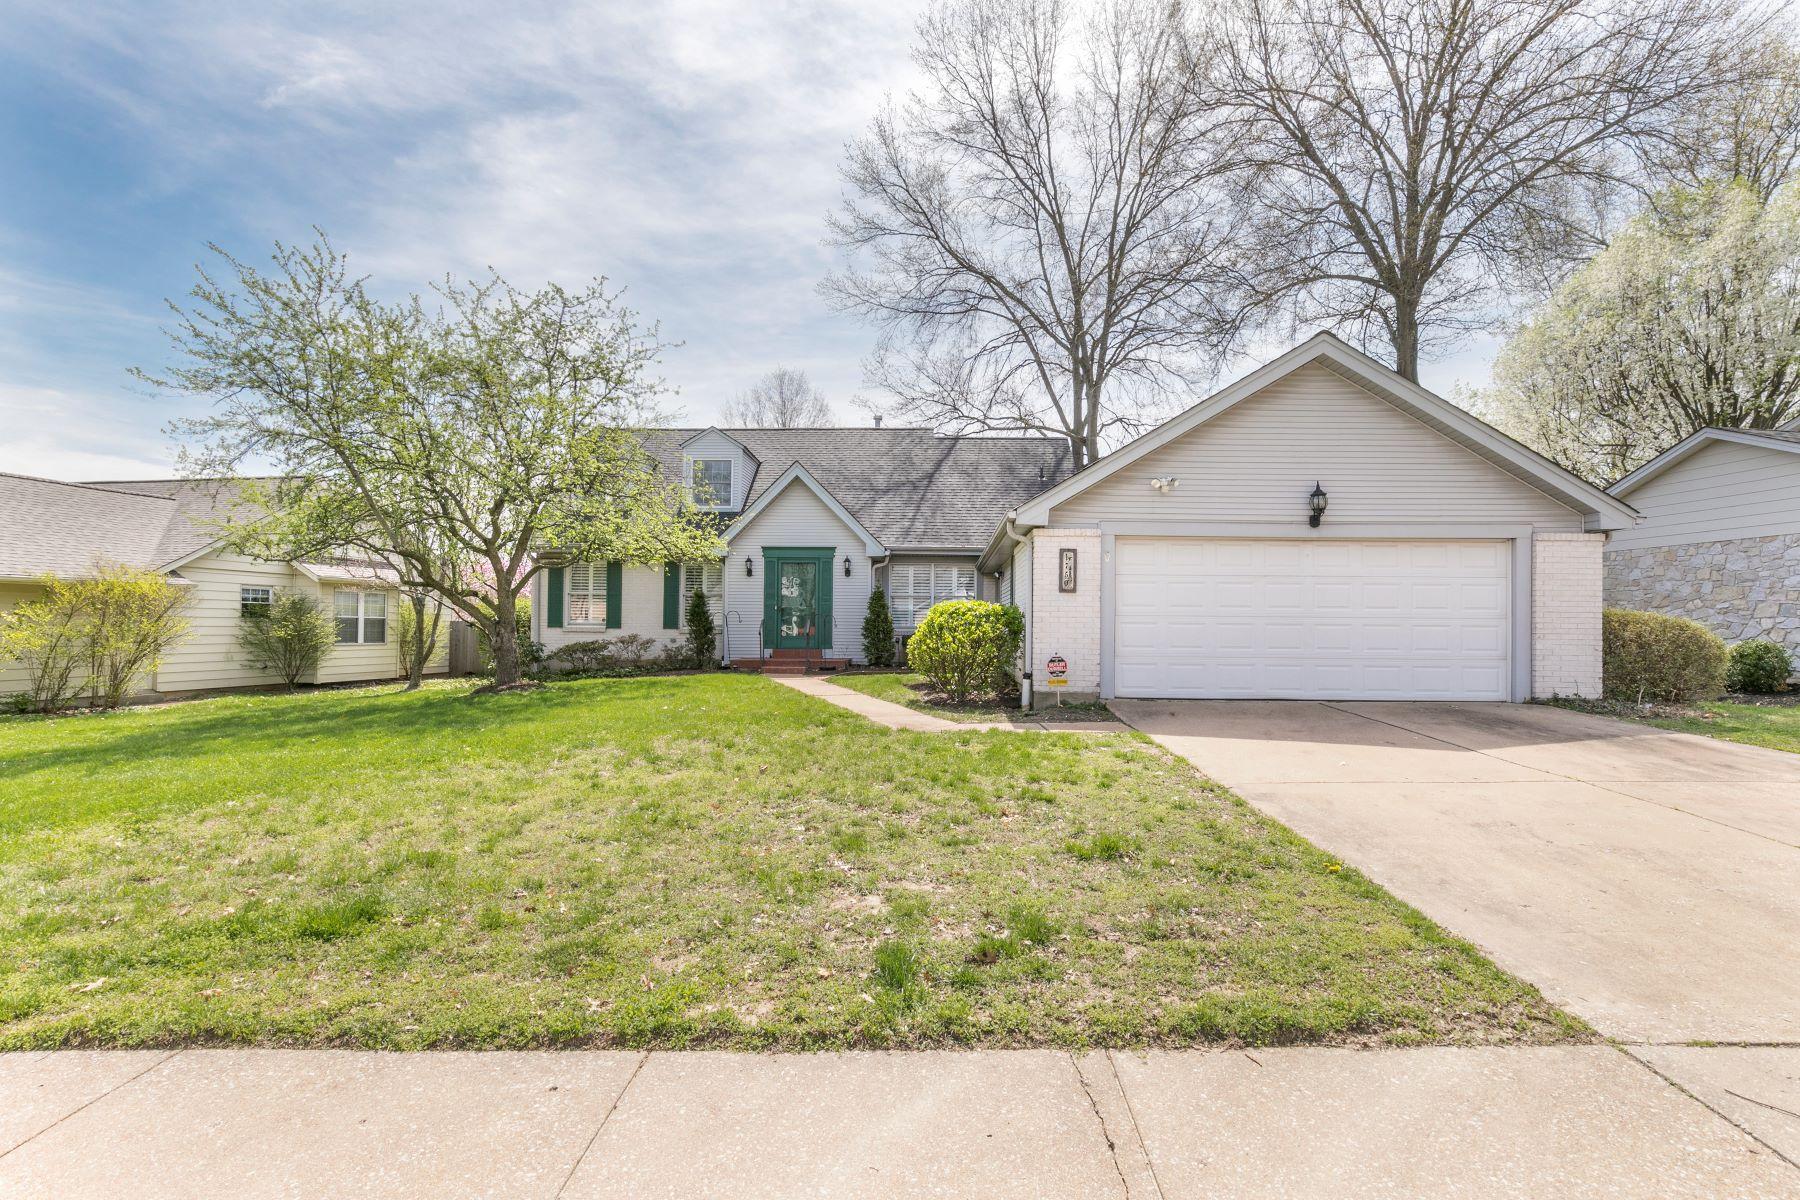 Частный односемейный дом для того Продажа на Seven Oaks Neighborhood 1750 Blakefield Terrace Ballwin, Миссури 63021 Соединенные Штаты